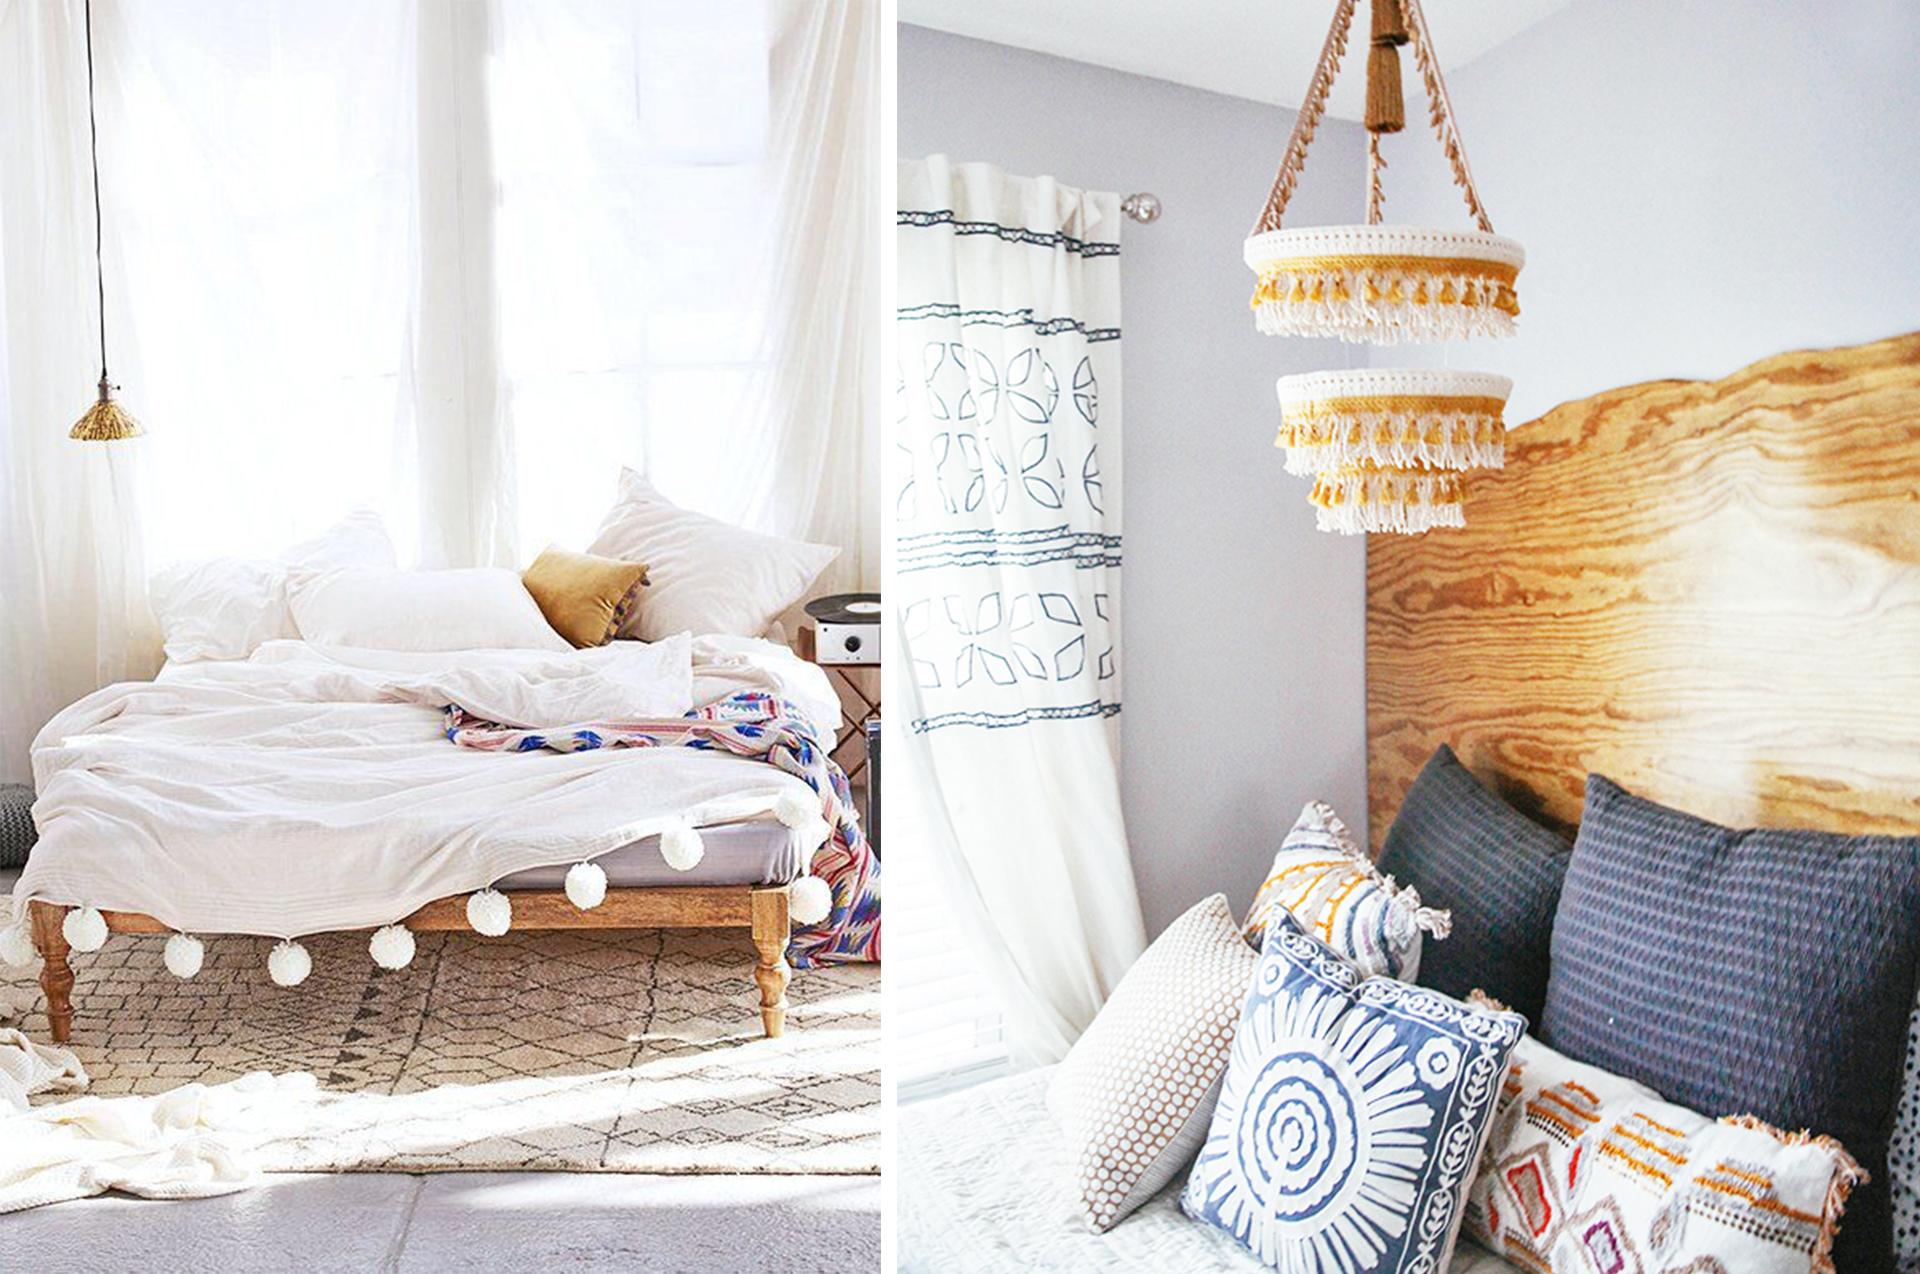 inspirationen wohnen inspiration wohnen inspiration wohnen die neue maisonettewohnung style. Black Bedroom Furniture Sets. Home Design Ideas